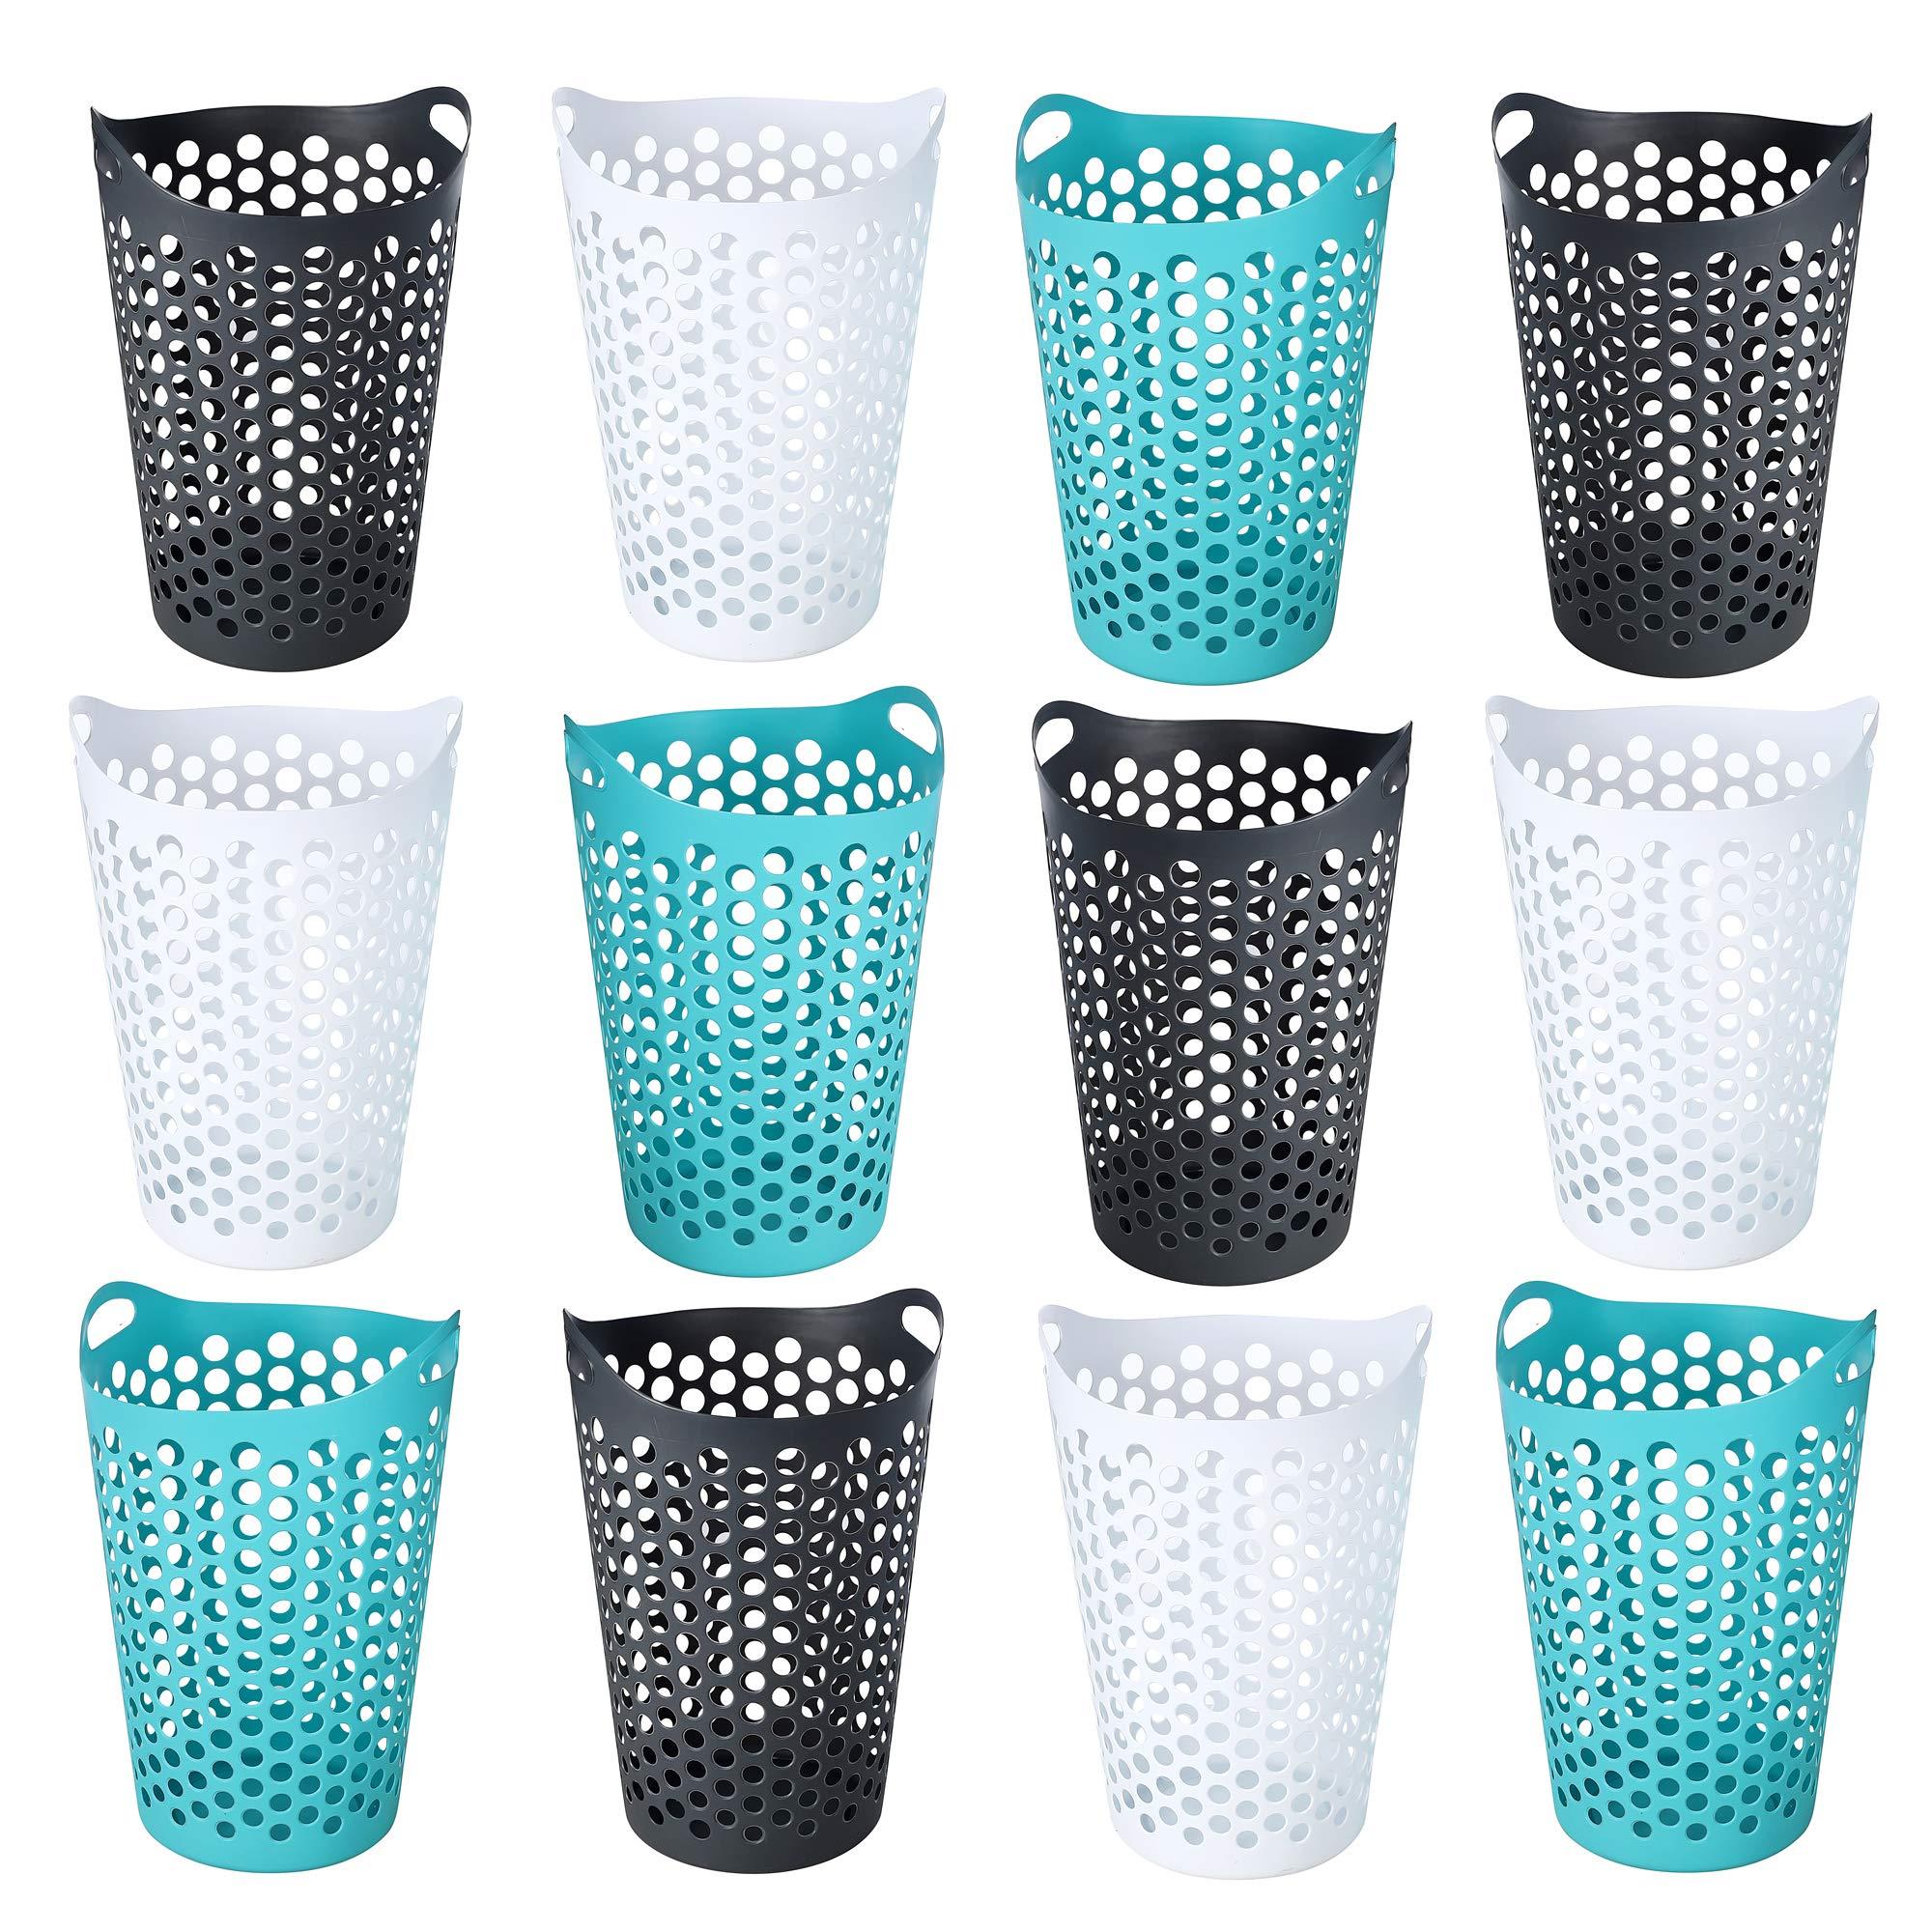 Ezy Storage Flexi 15 Gallon Plastic Flex Laundry Basket Clothes Hamper (12 Pack) by Ezy Storage